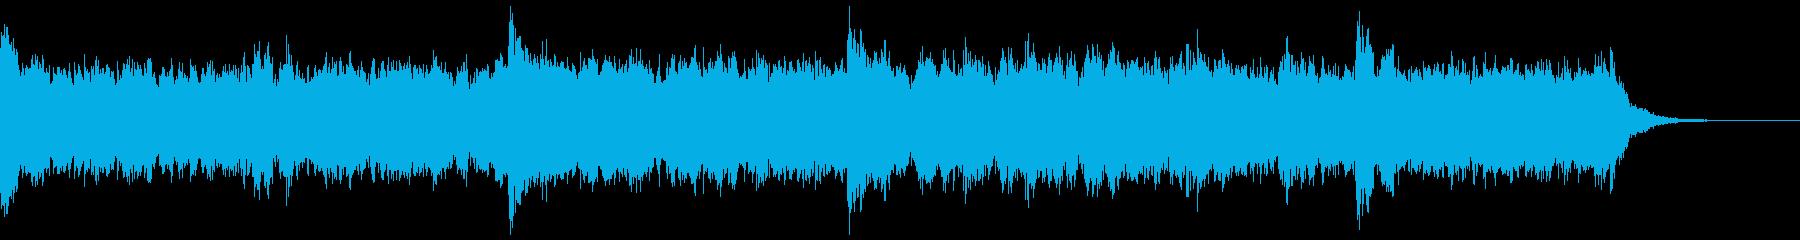 地底のダンジョンをイメージした重厚な曲の再生済みの波形